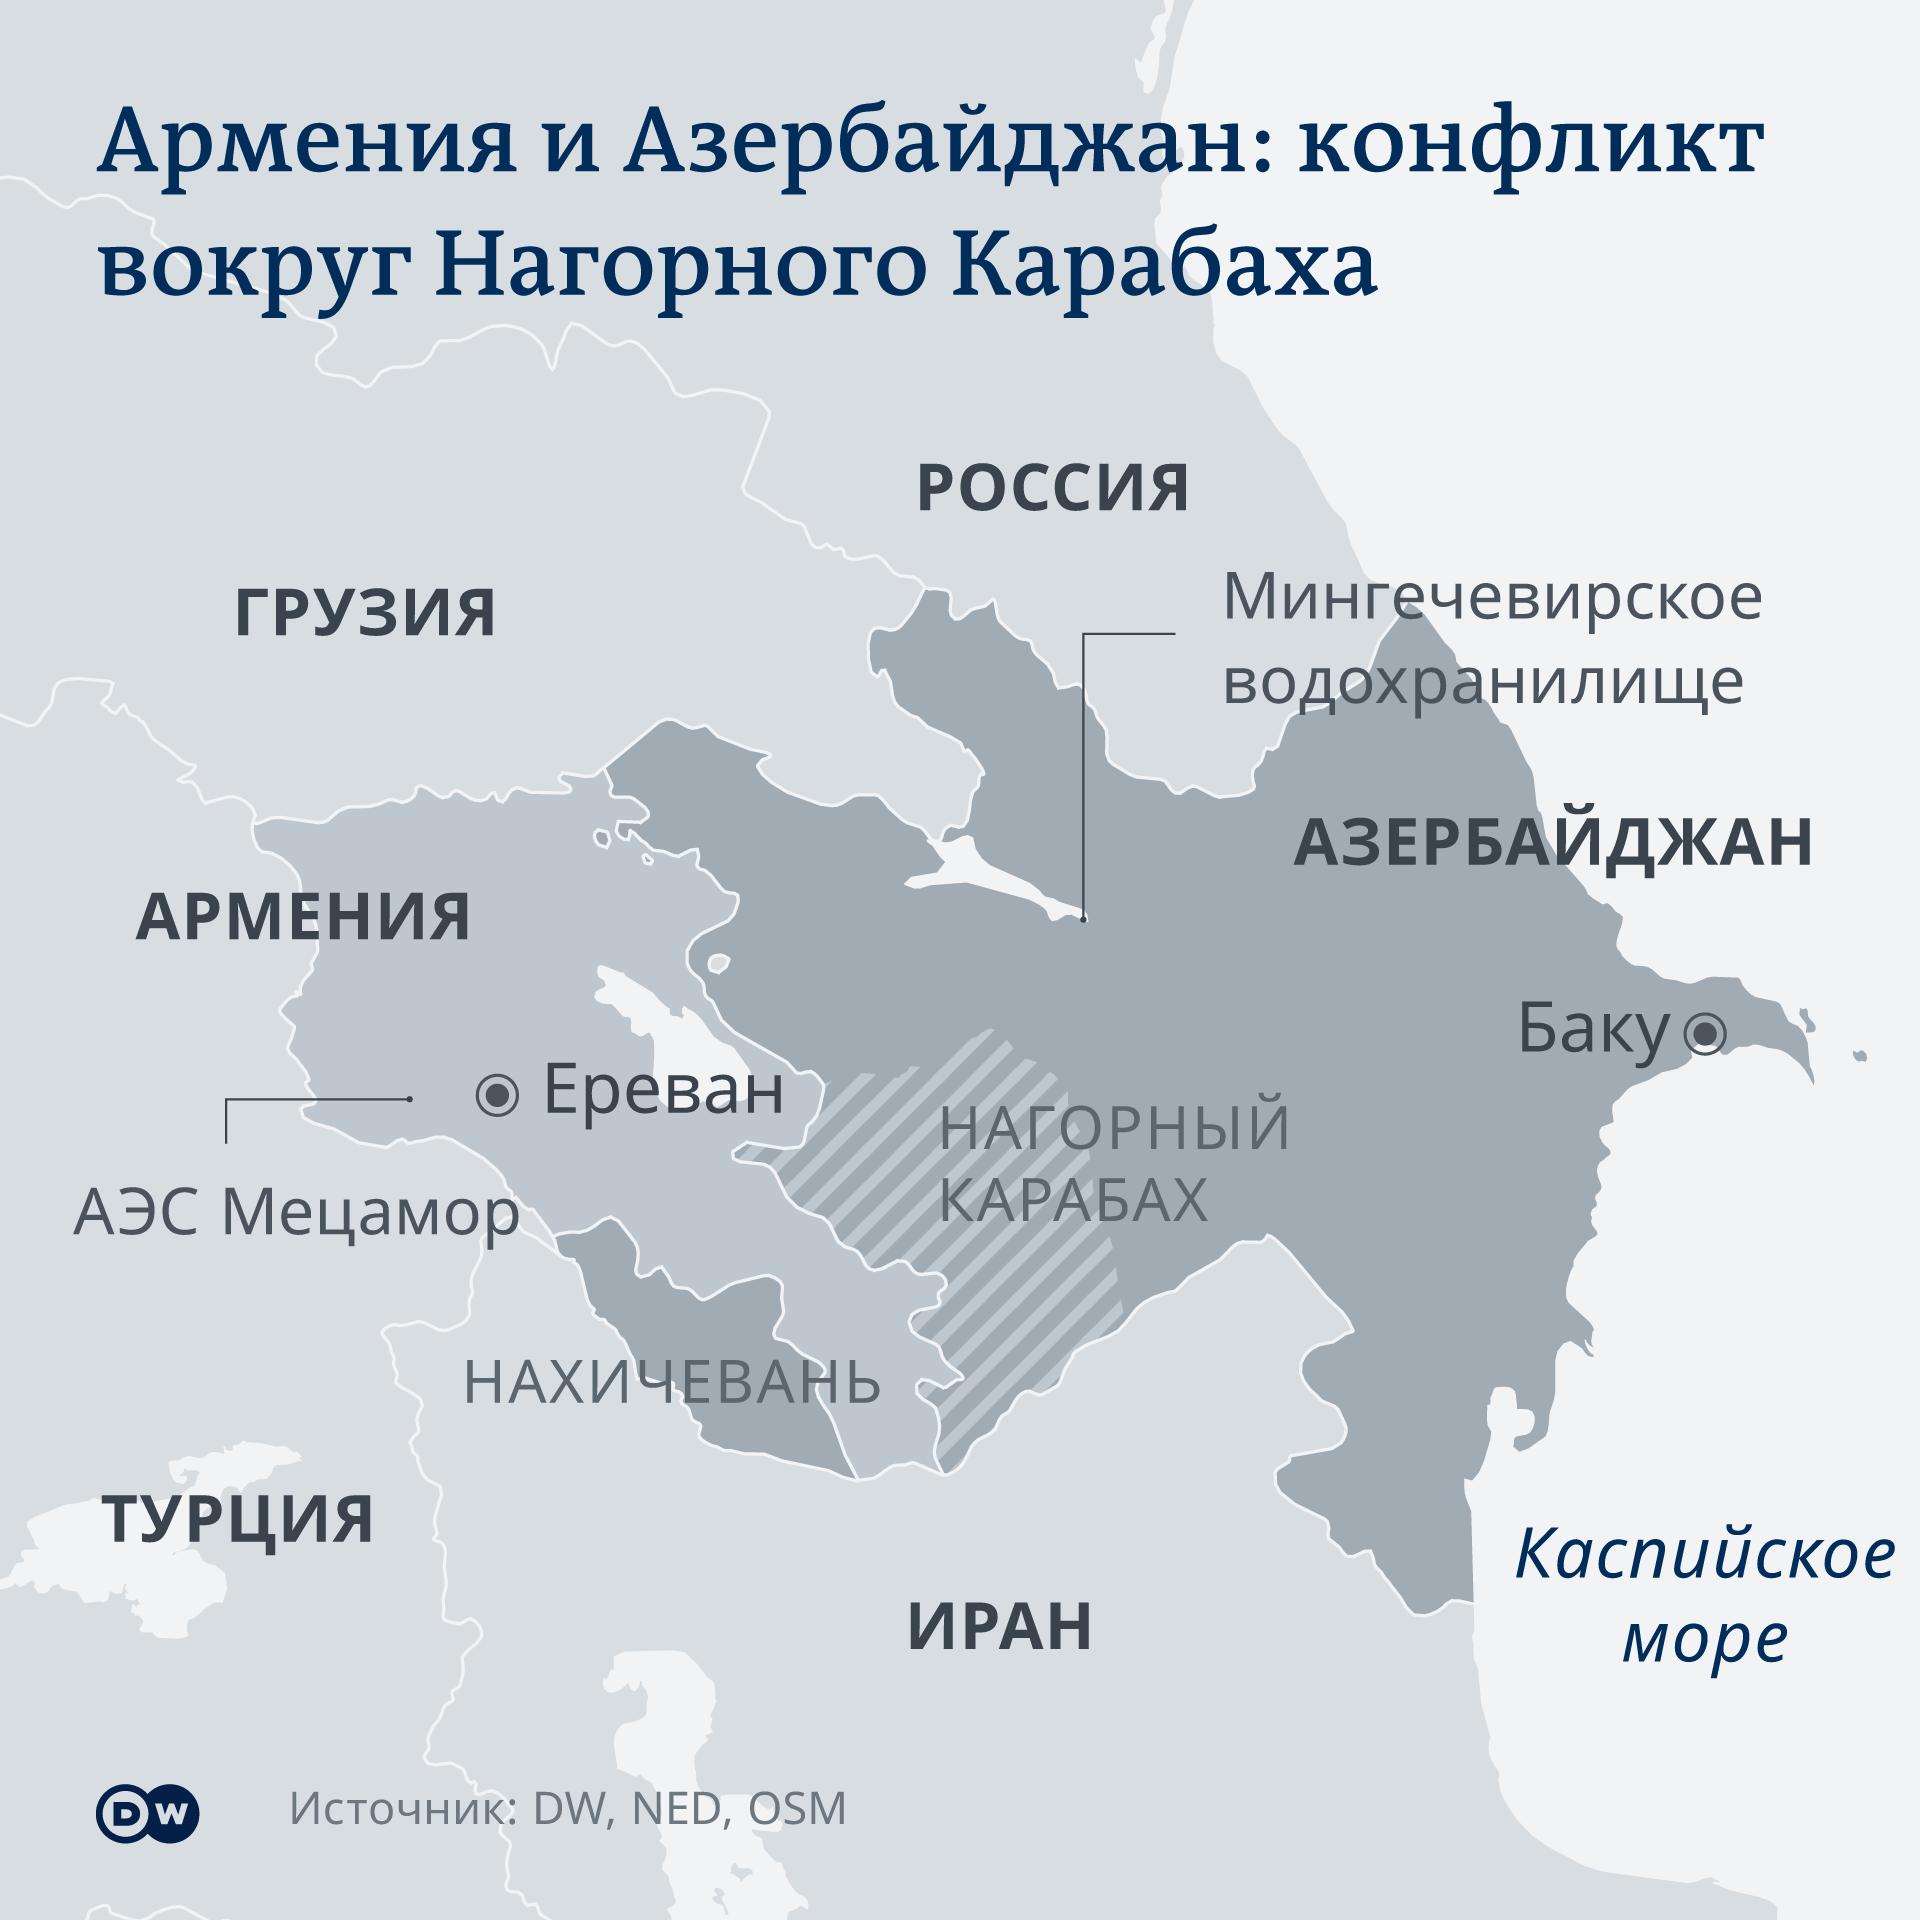 Karte - Armenien/Aserbaidschan - RU